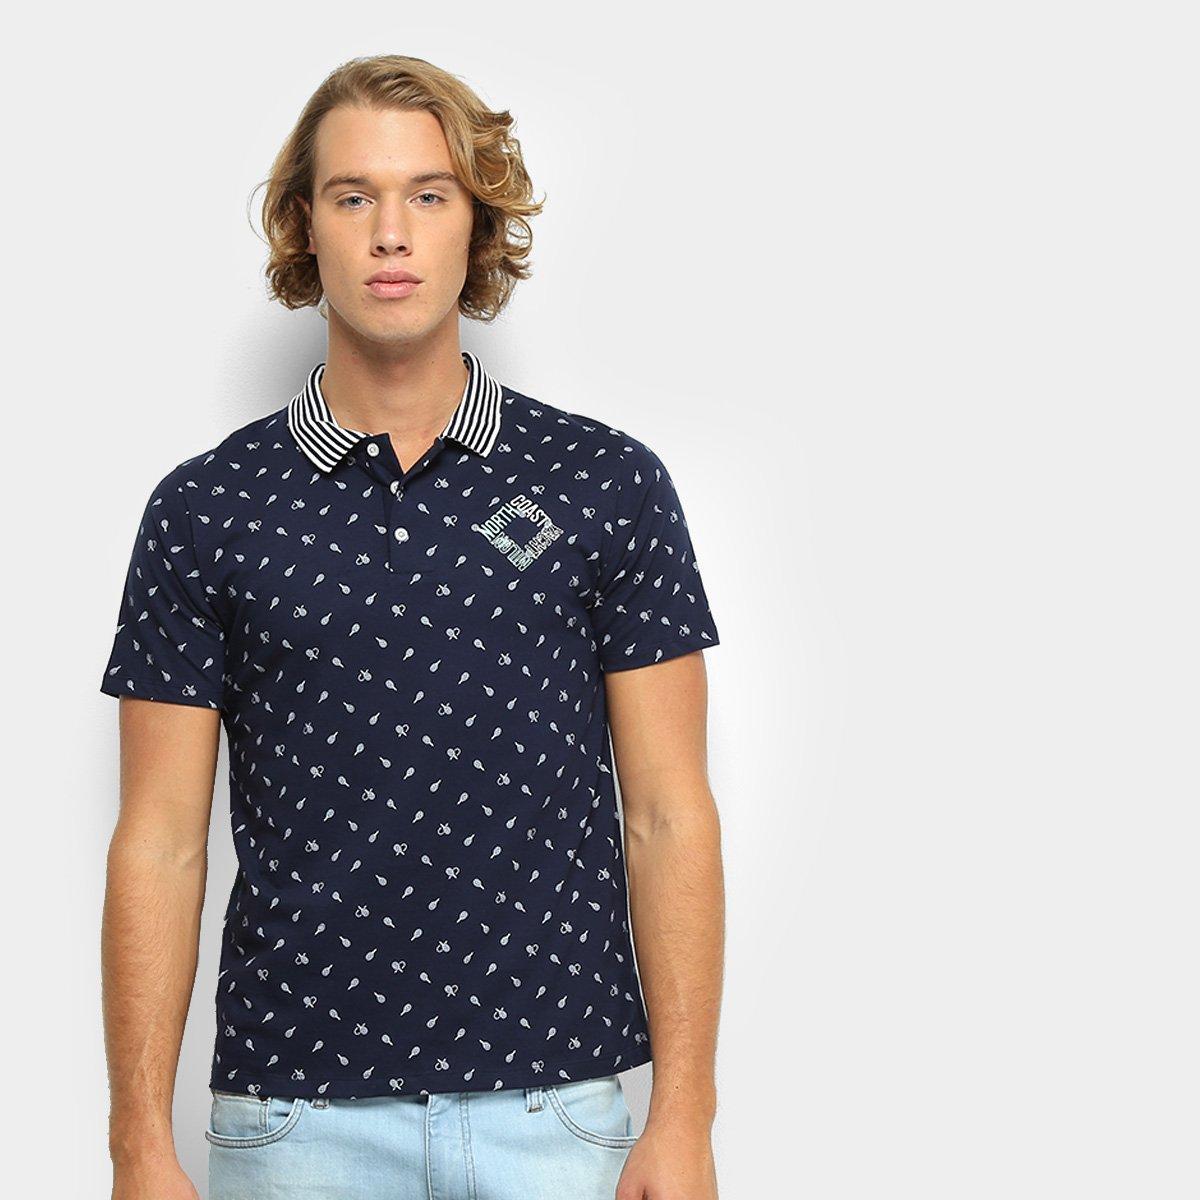 1feabb6afb Camisa Polo Milon Malha Estampada Masculina